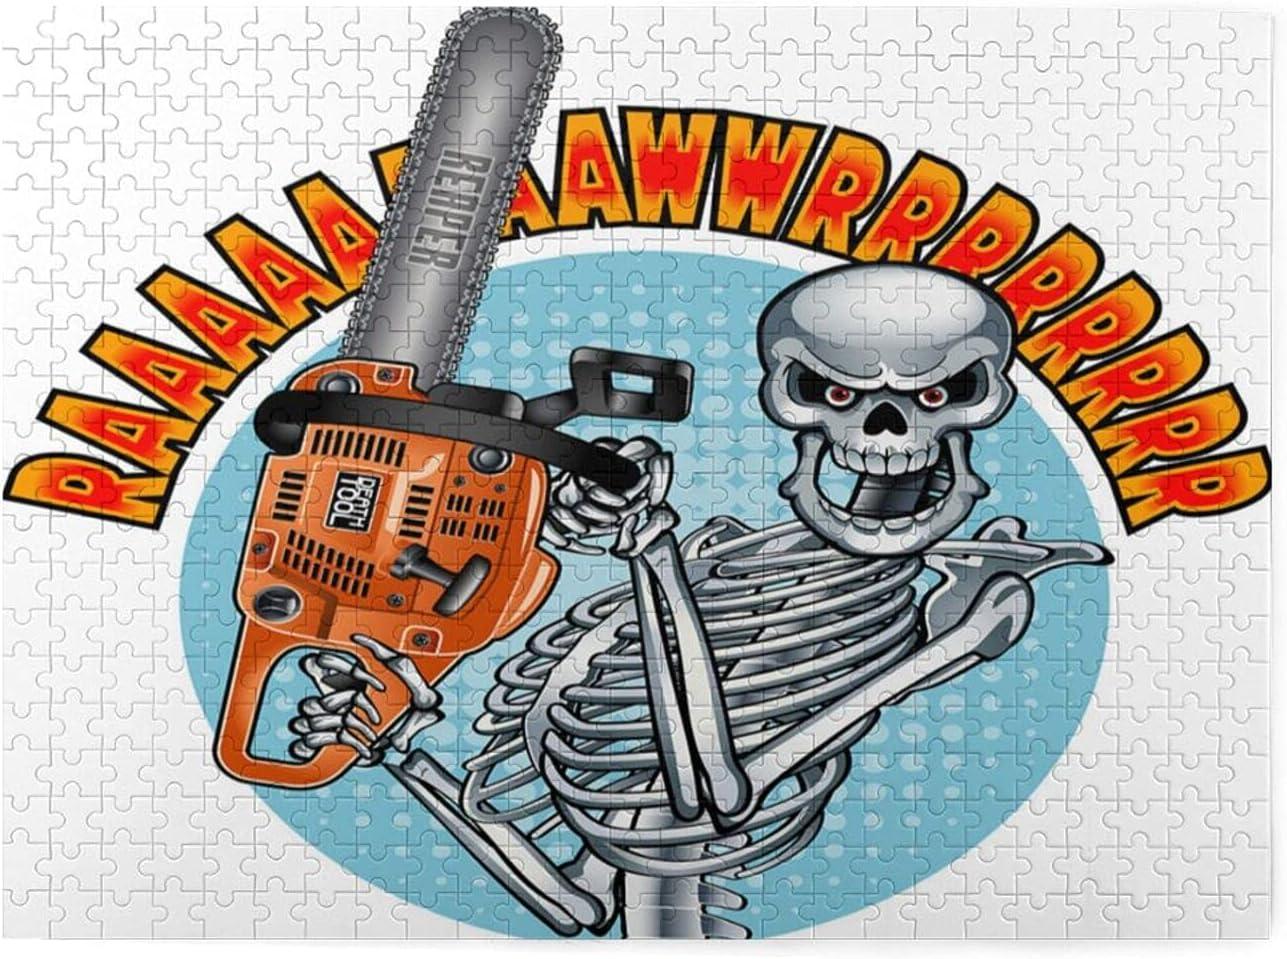 Rompecabezas de 500 piezas,esqueleto humano sonriente con motosierra,juego de rompecabezas familiar grande,ilustraciones para adultos y adolescentes